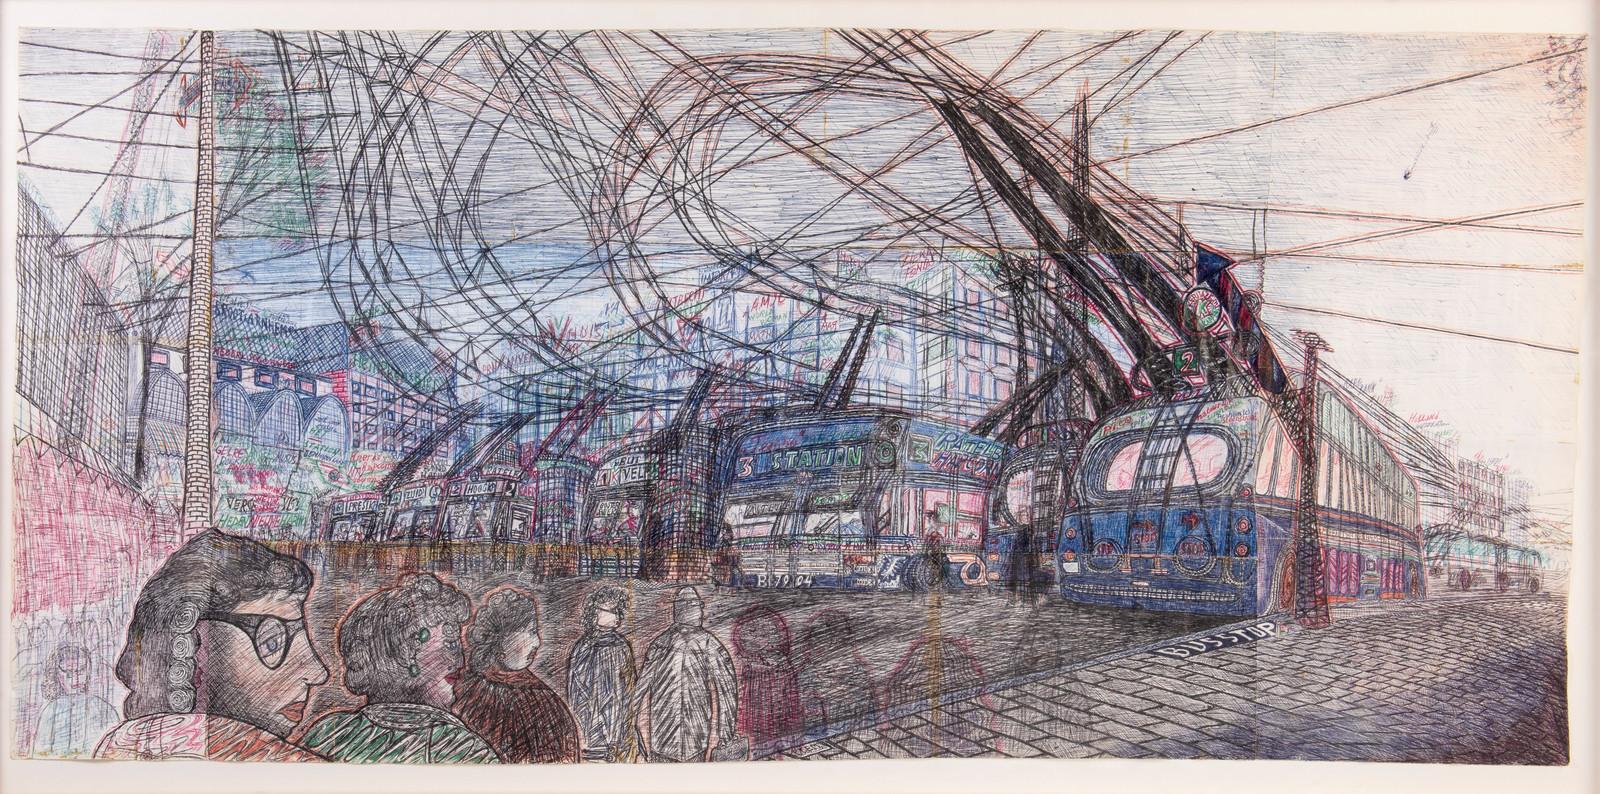 Pentekening van het trolleybusstation op Stationsplein in Arnhem, gemaakt door Willem van Genk in 1996.